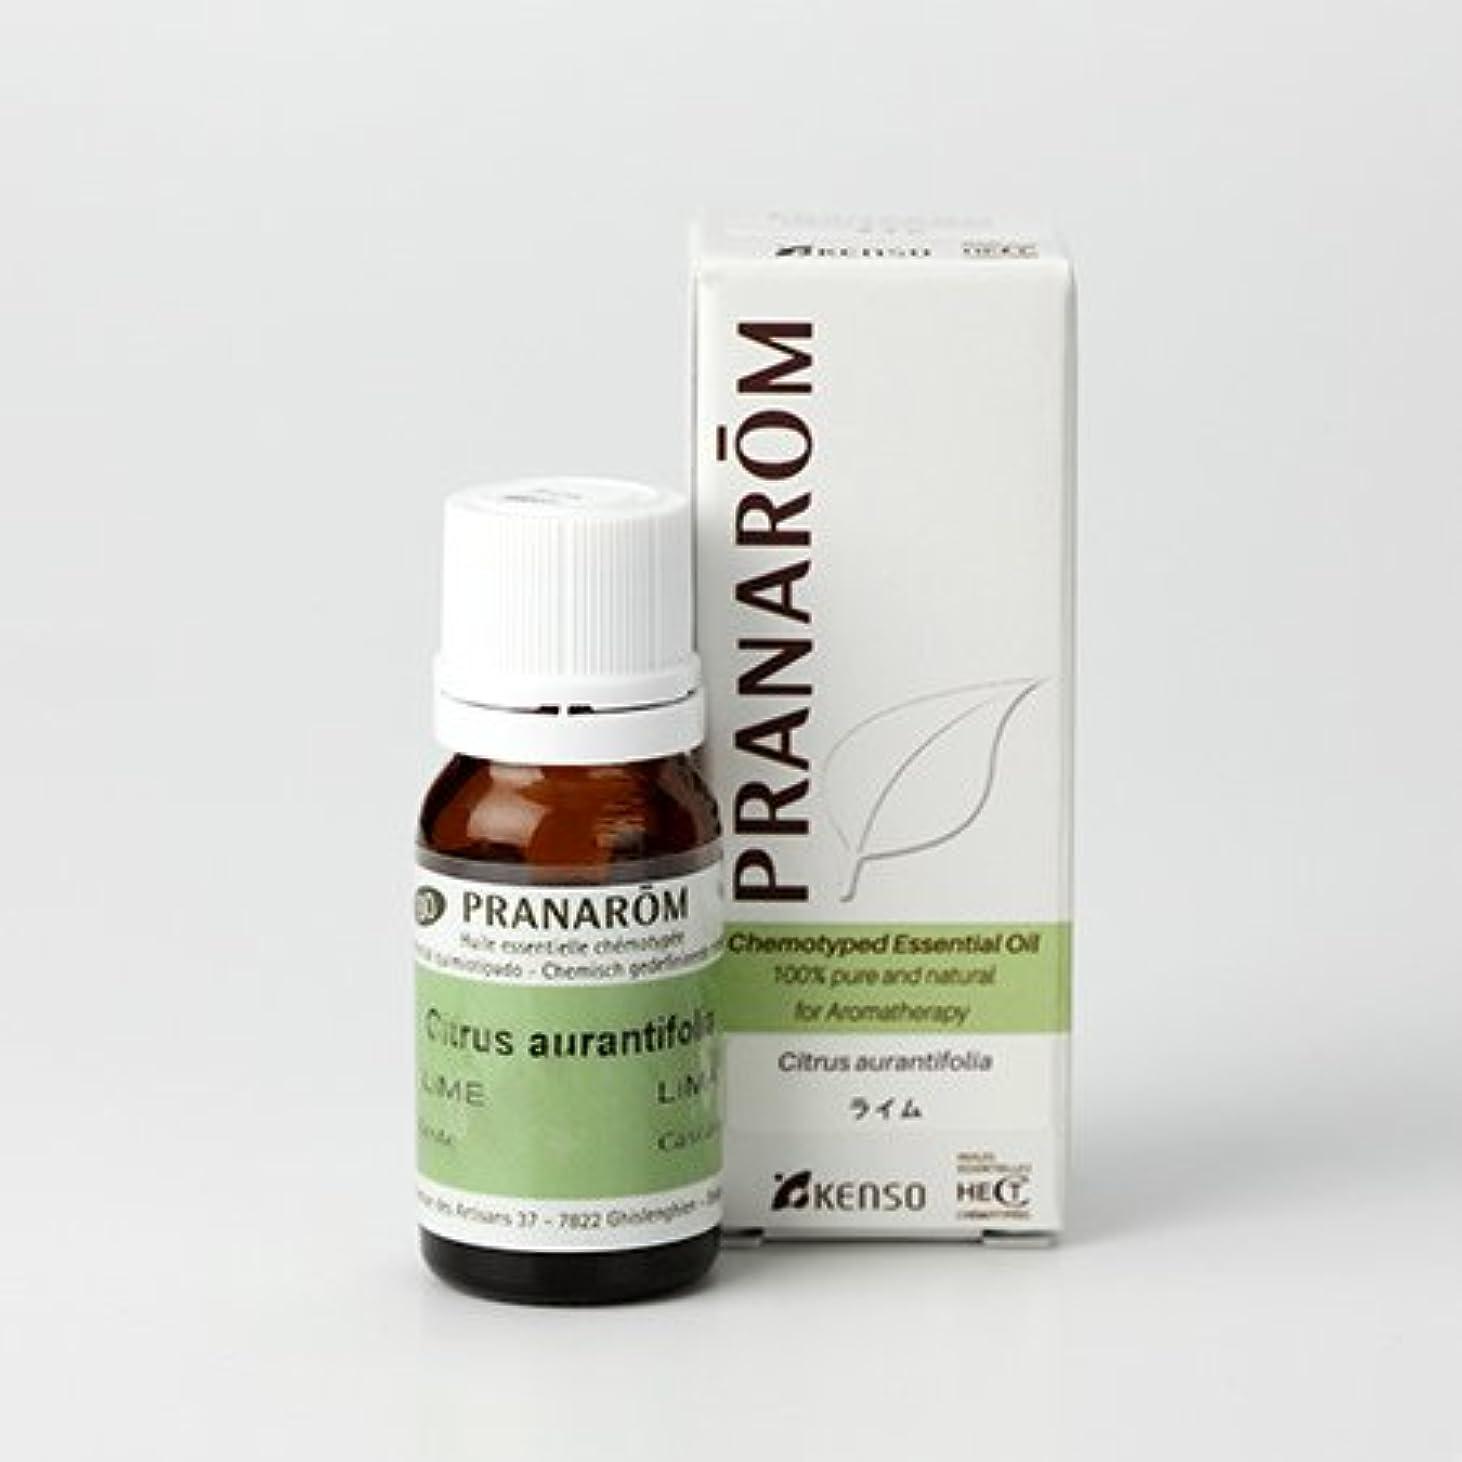 満了余韻未払いプラナロム ライム10ml (PRANAROM ケモタイプ精油)